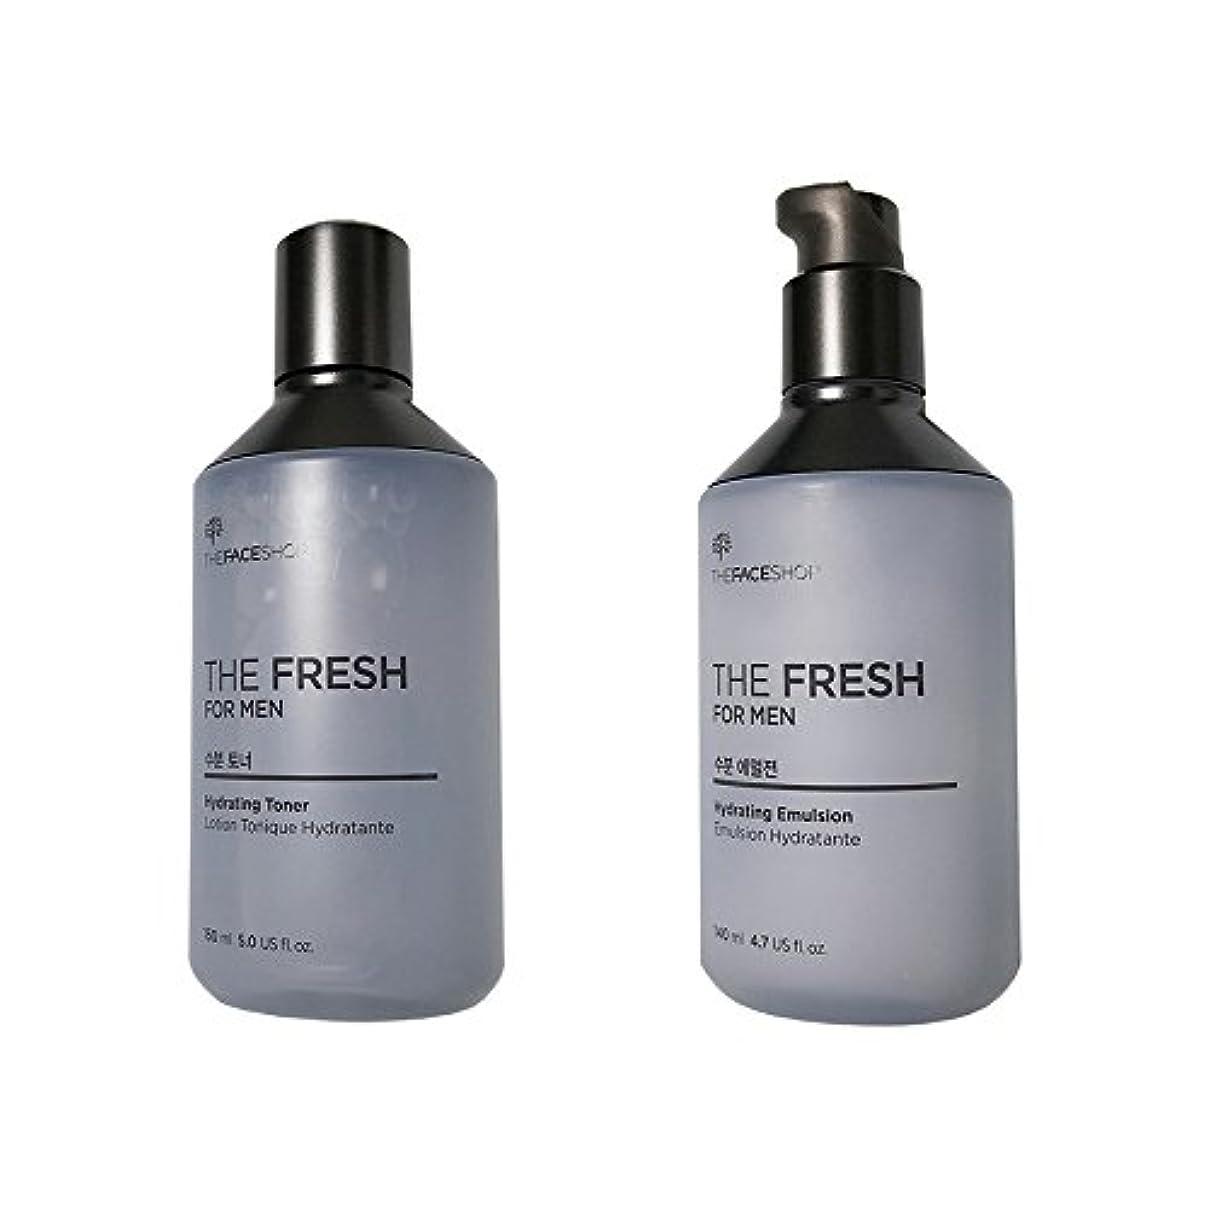 期限切れショッキングスチール[ザ?フェイスショップ] The Face Shop ザフレッシュフォーマン水分スキンケアセット(エマルジョン140ml+トナー150ml) The Face Shop The Fresh For Men Hydrating Skincare Set(emulsion140ml+Toner150ml) [海外直送品]